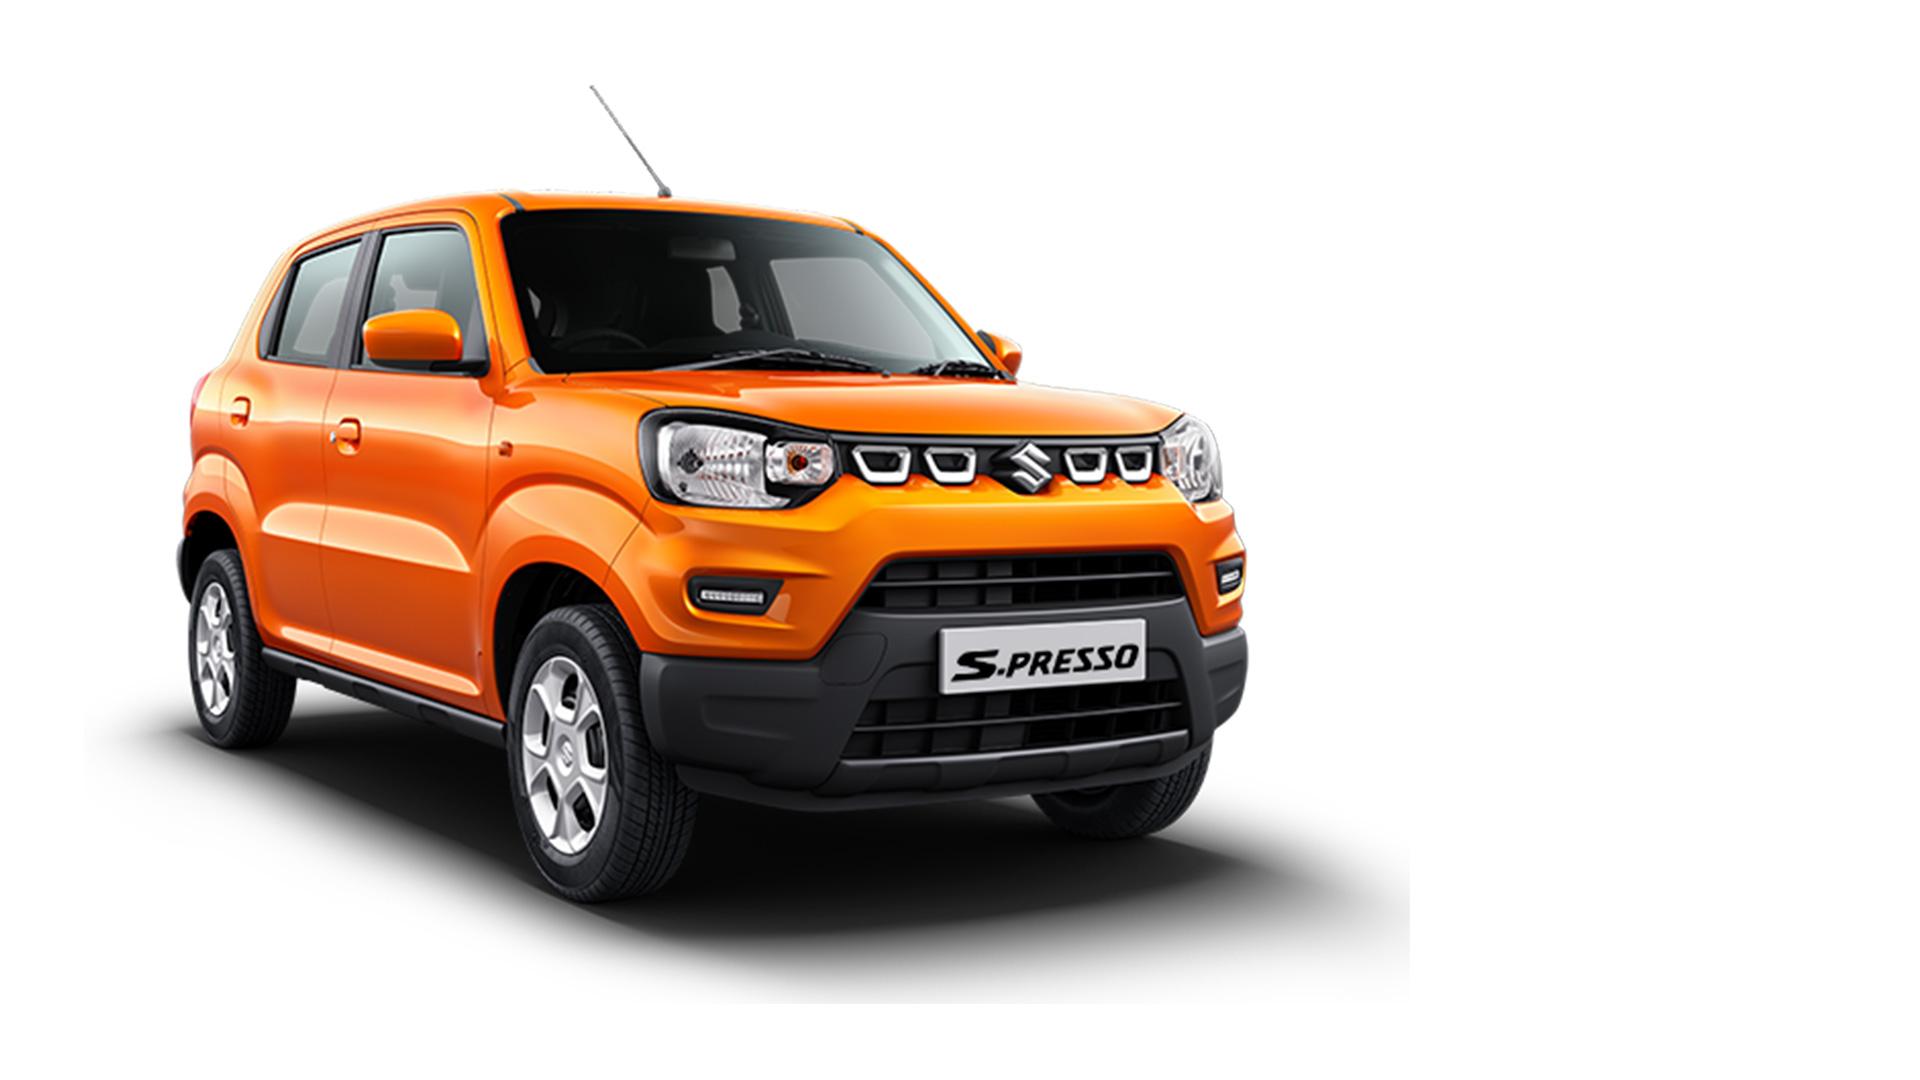 Maruti Suzuki S-Presso 2020 VXi CNG